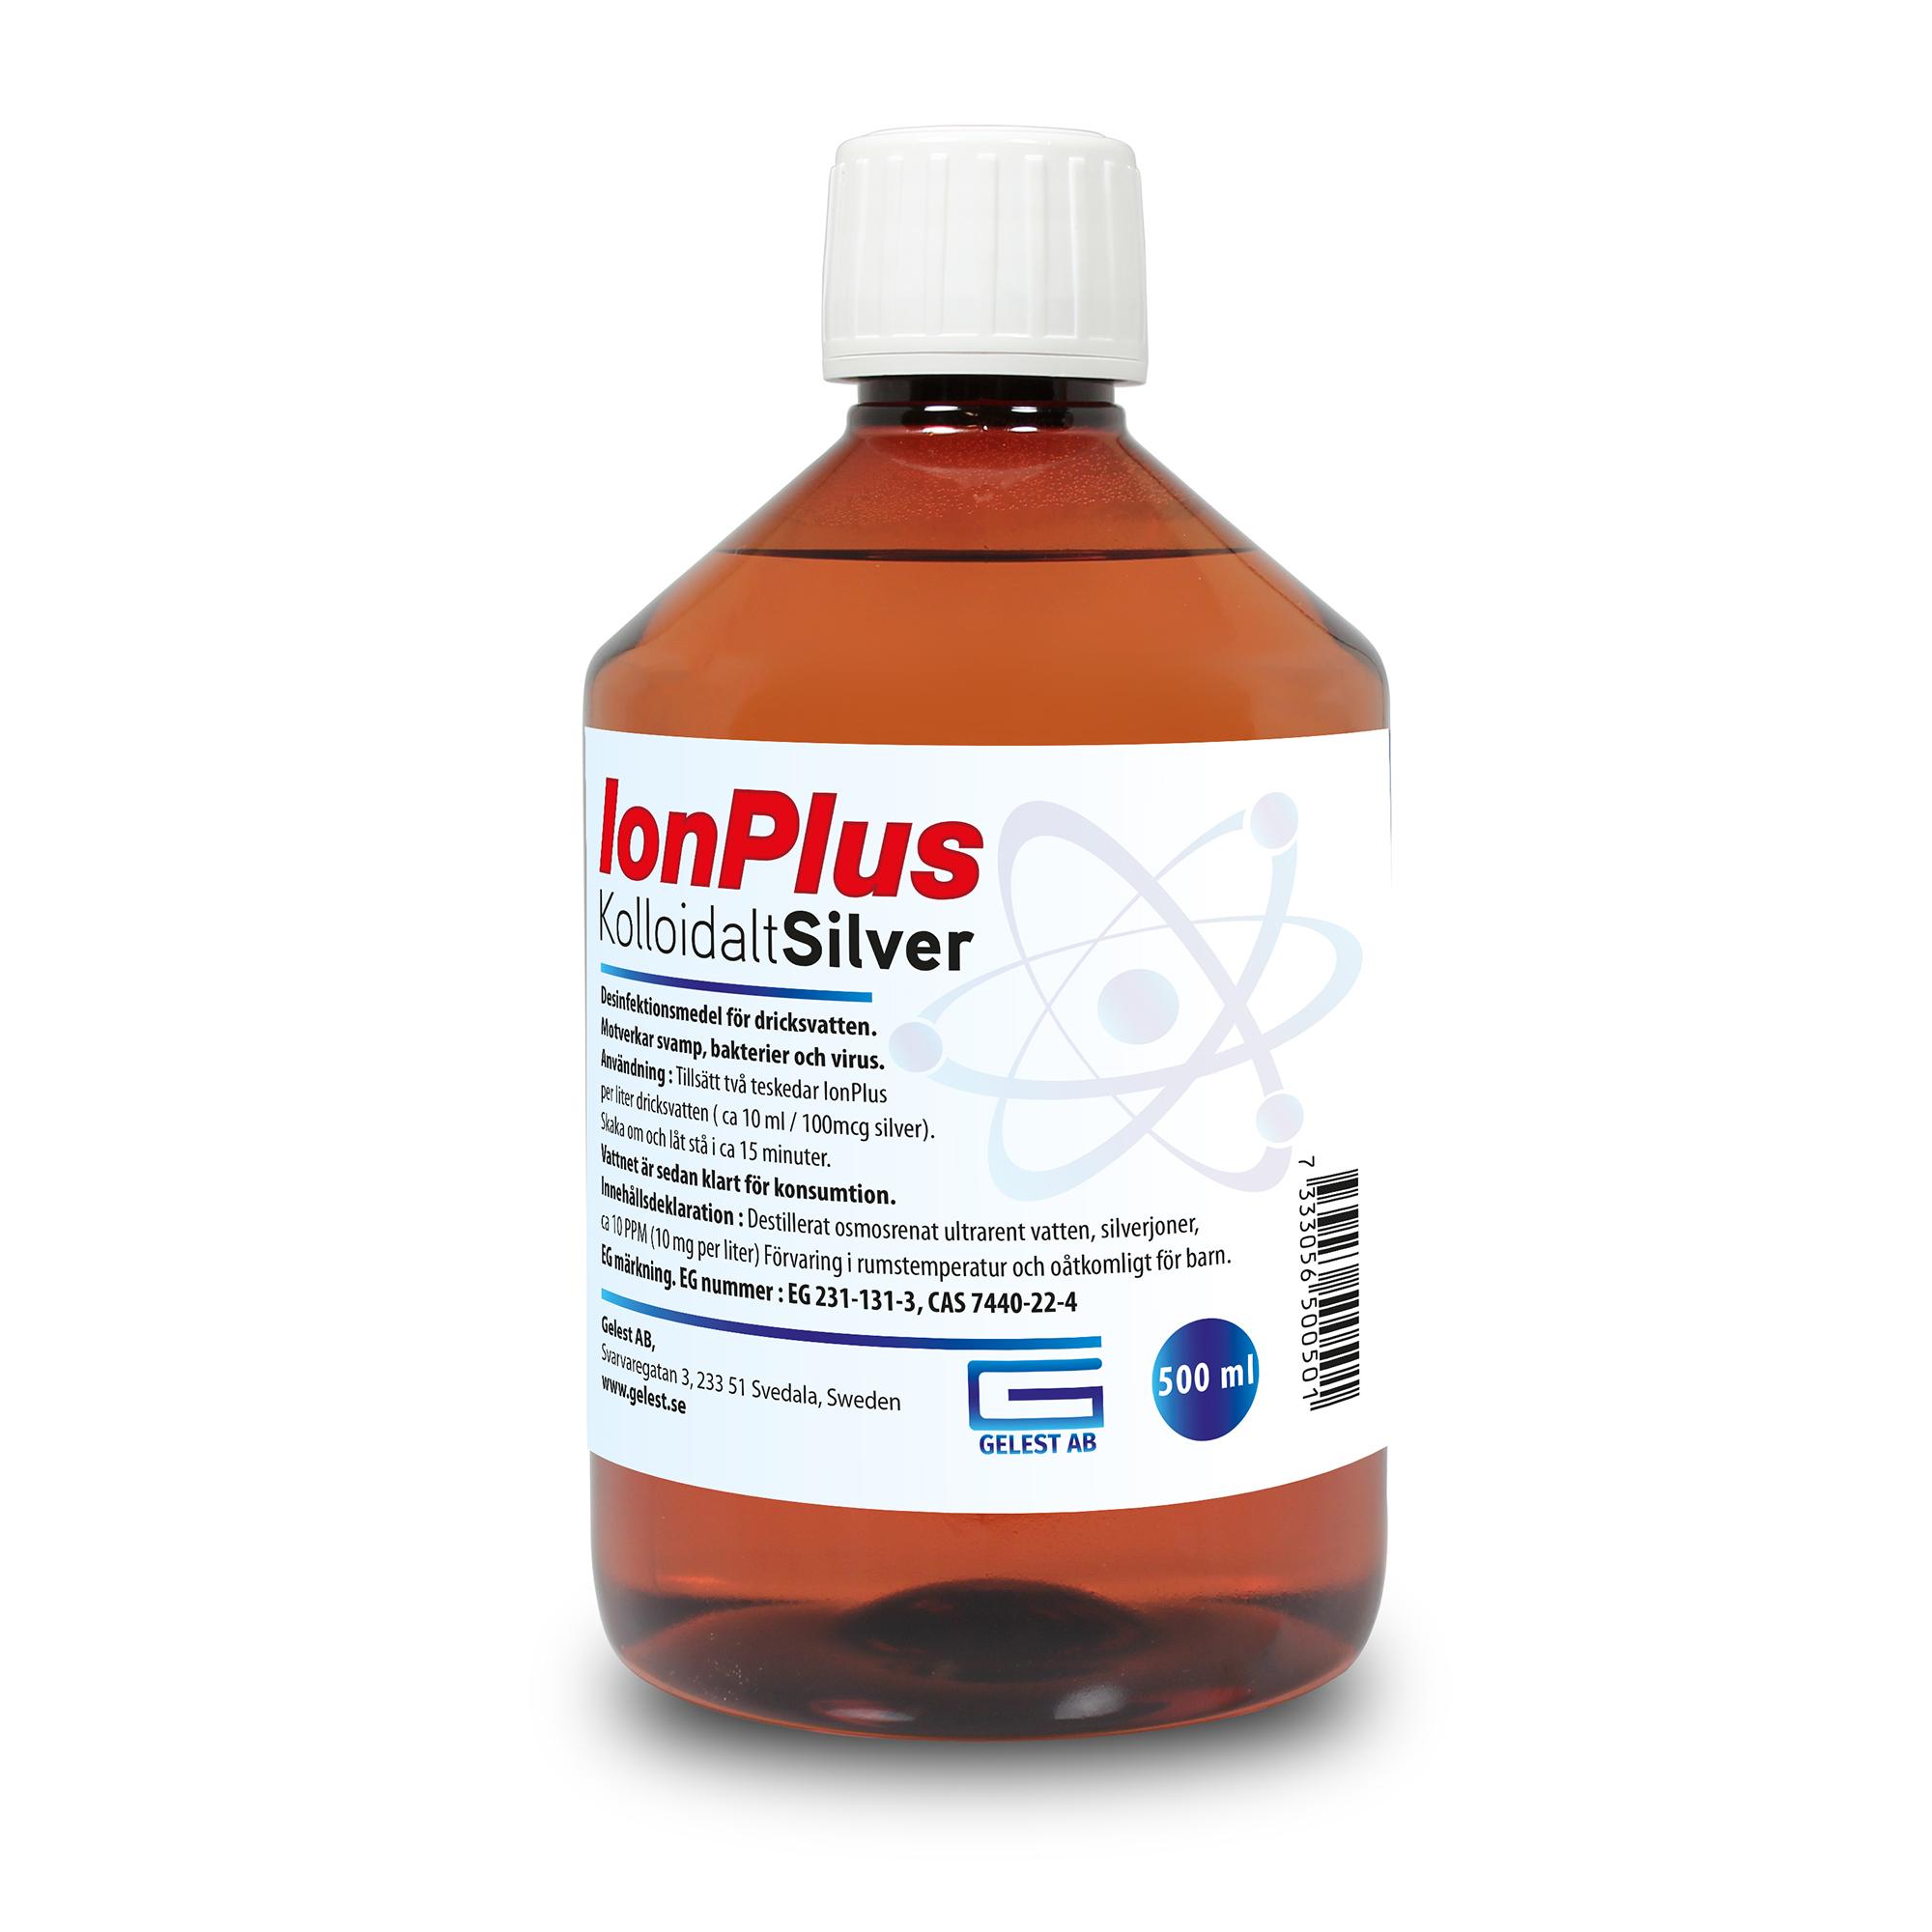 IonPlus